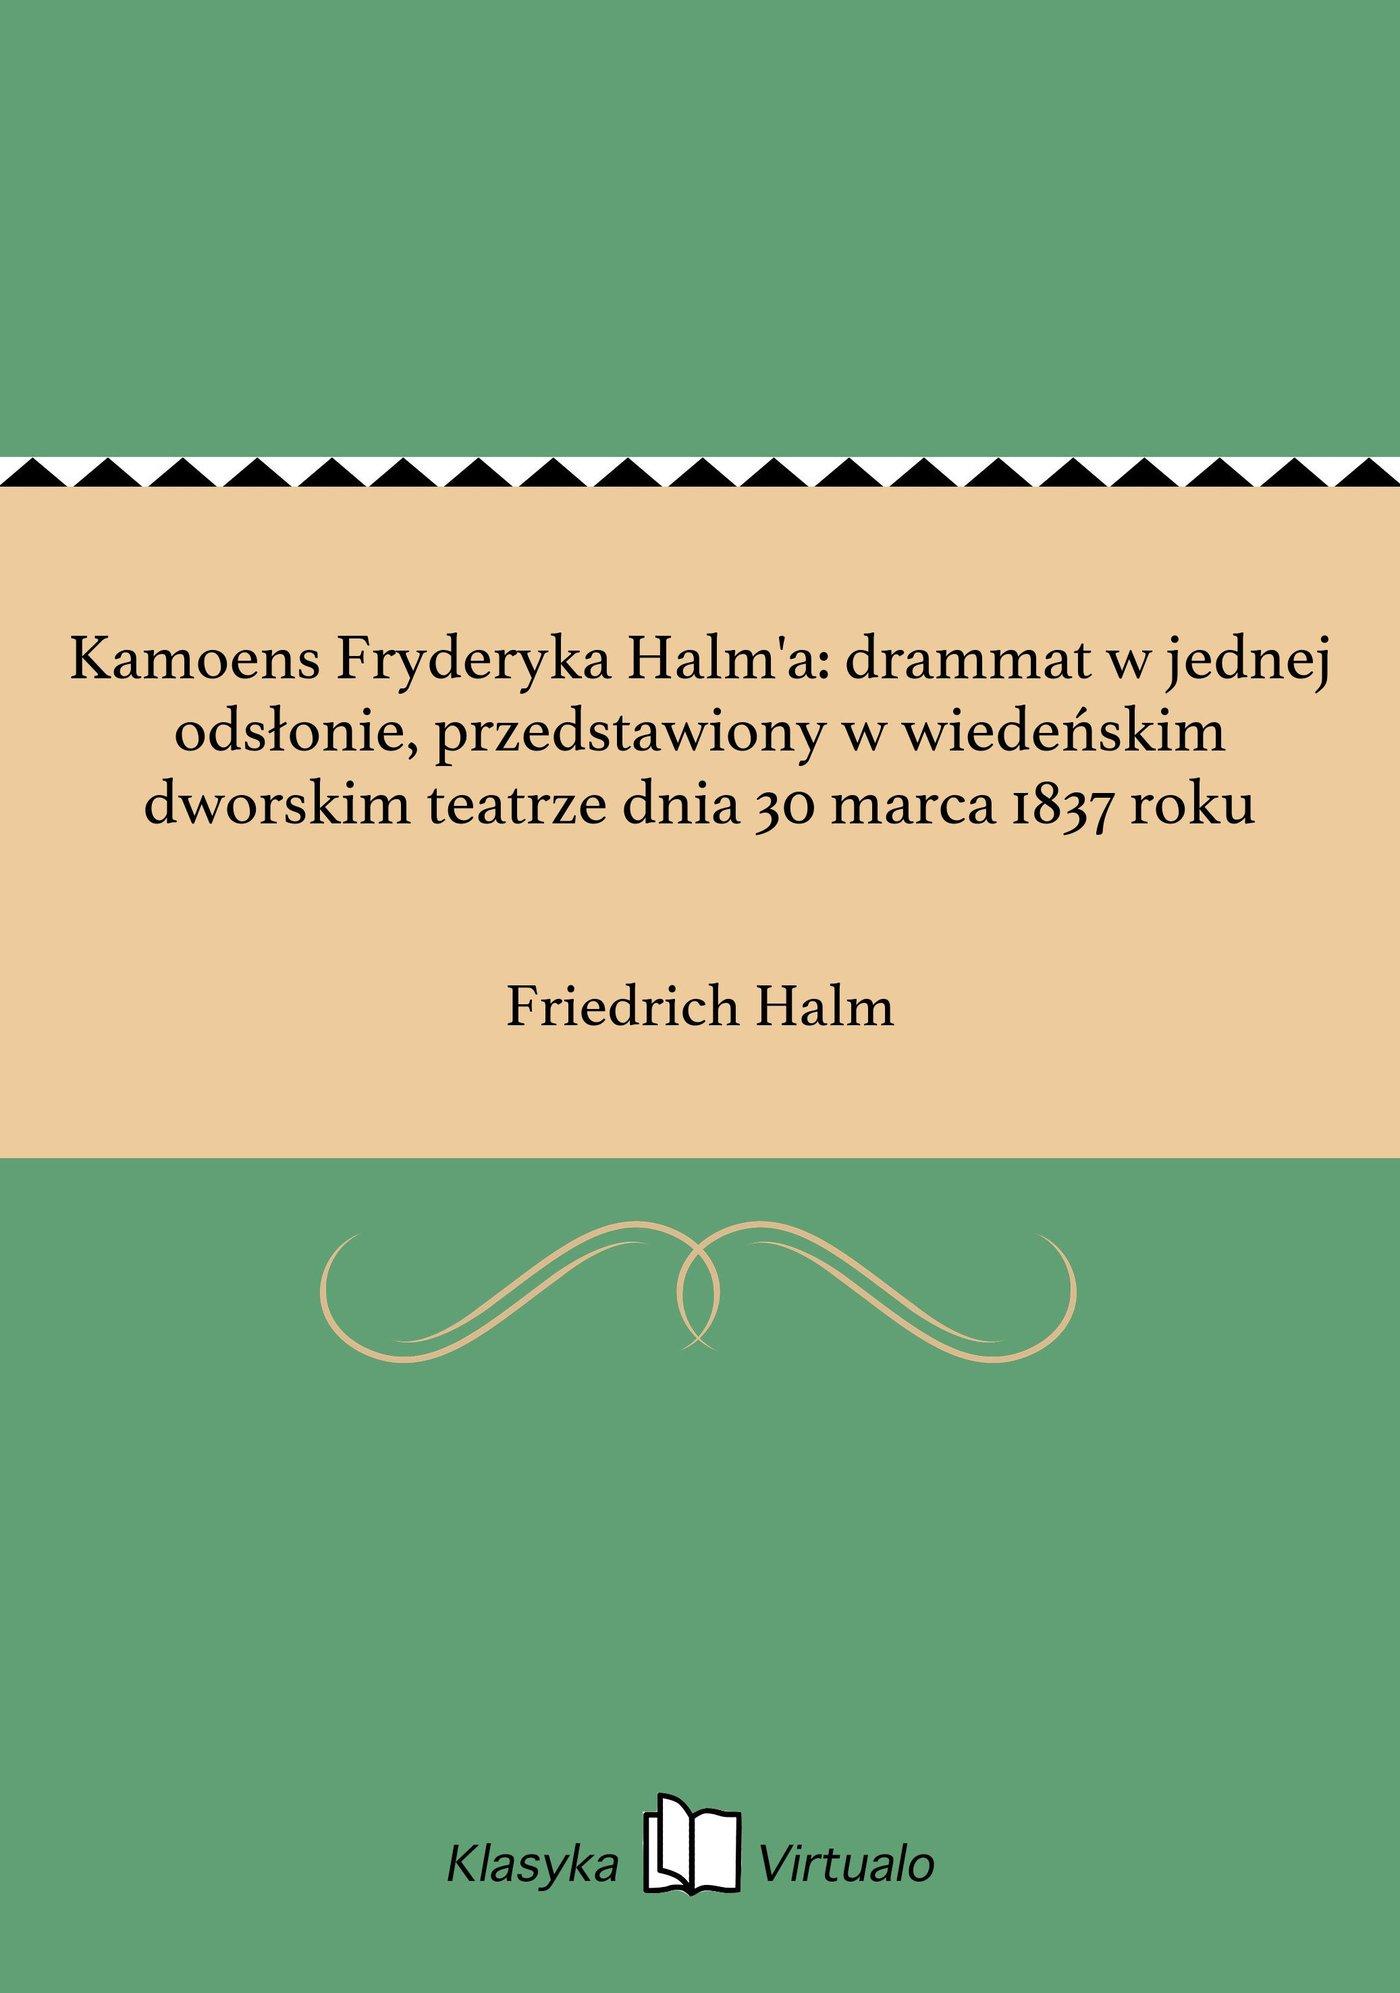 Kamoens Fryderyka Halm'a: drammat w jednej odsłonie, przedstawiony w wiedeńskim dworskim teatrze dnia 30 marca 1837 roku - Ebook (Książka EPUB) do pobrania w formacie EPUB